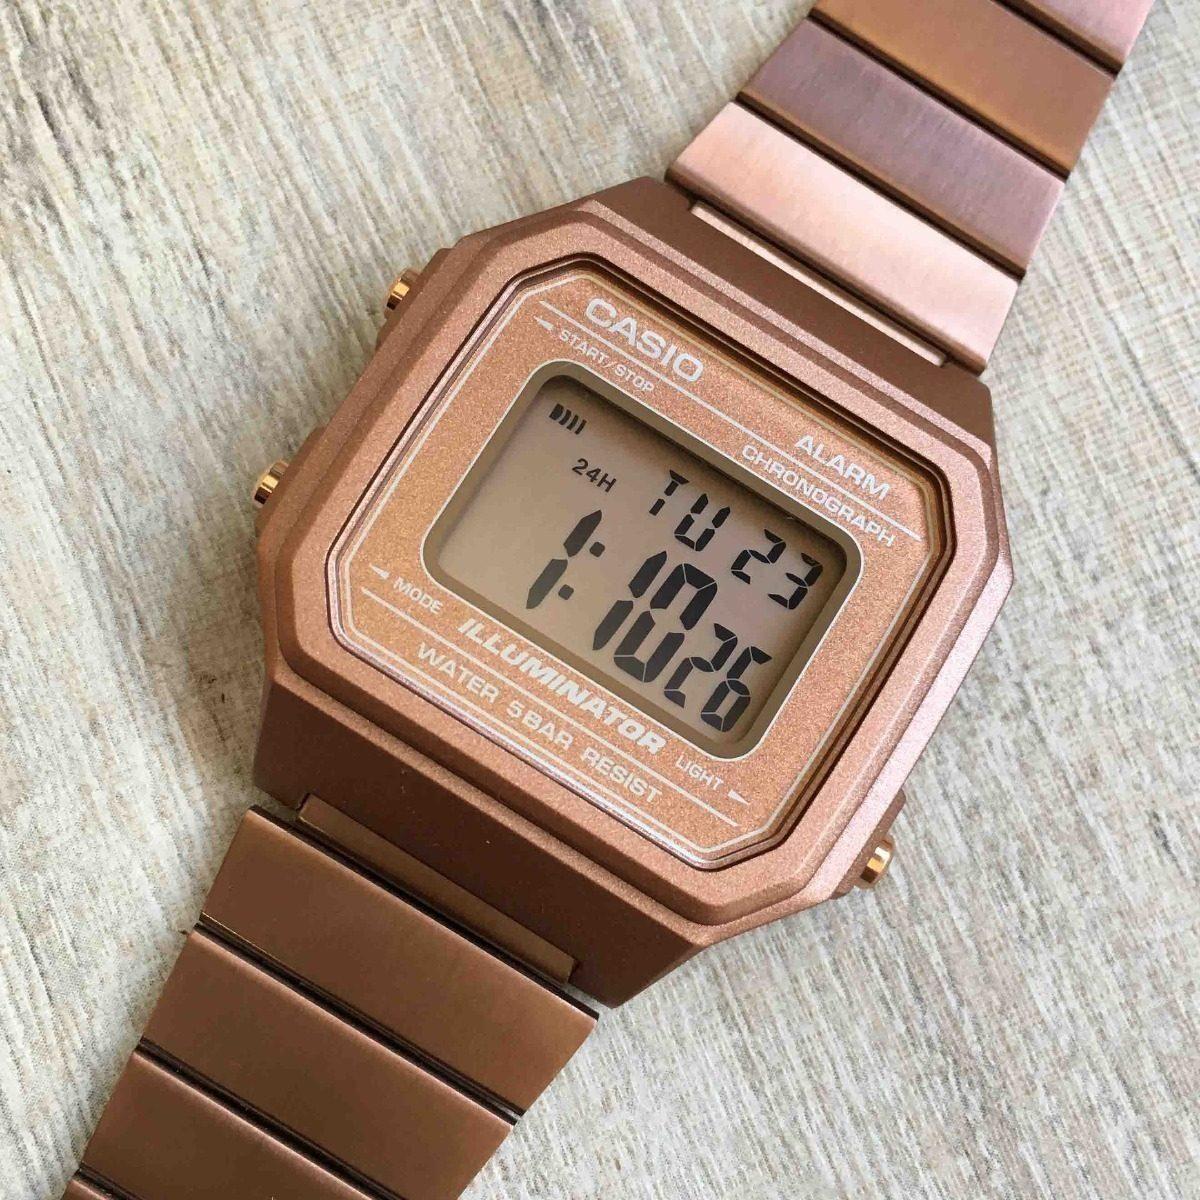 8eebf983924 relógio casio retrô vintage feminino b650wc-5adf original nf. Carregando  zoom.